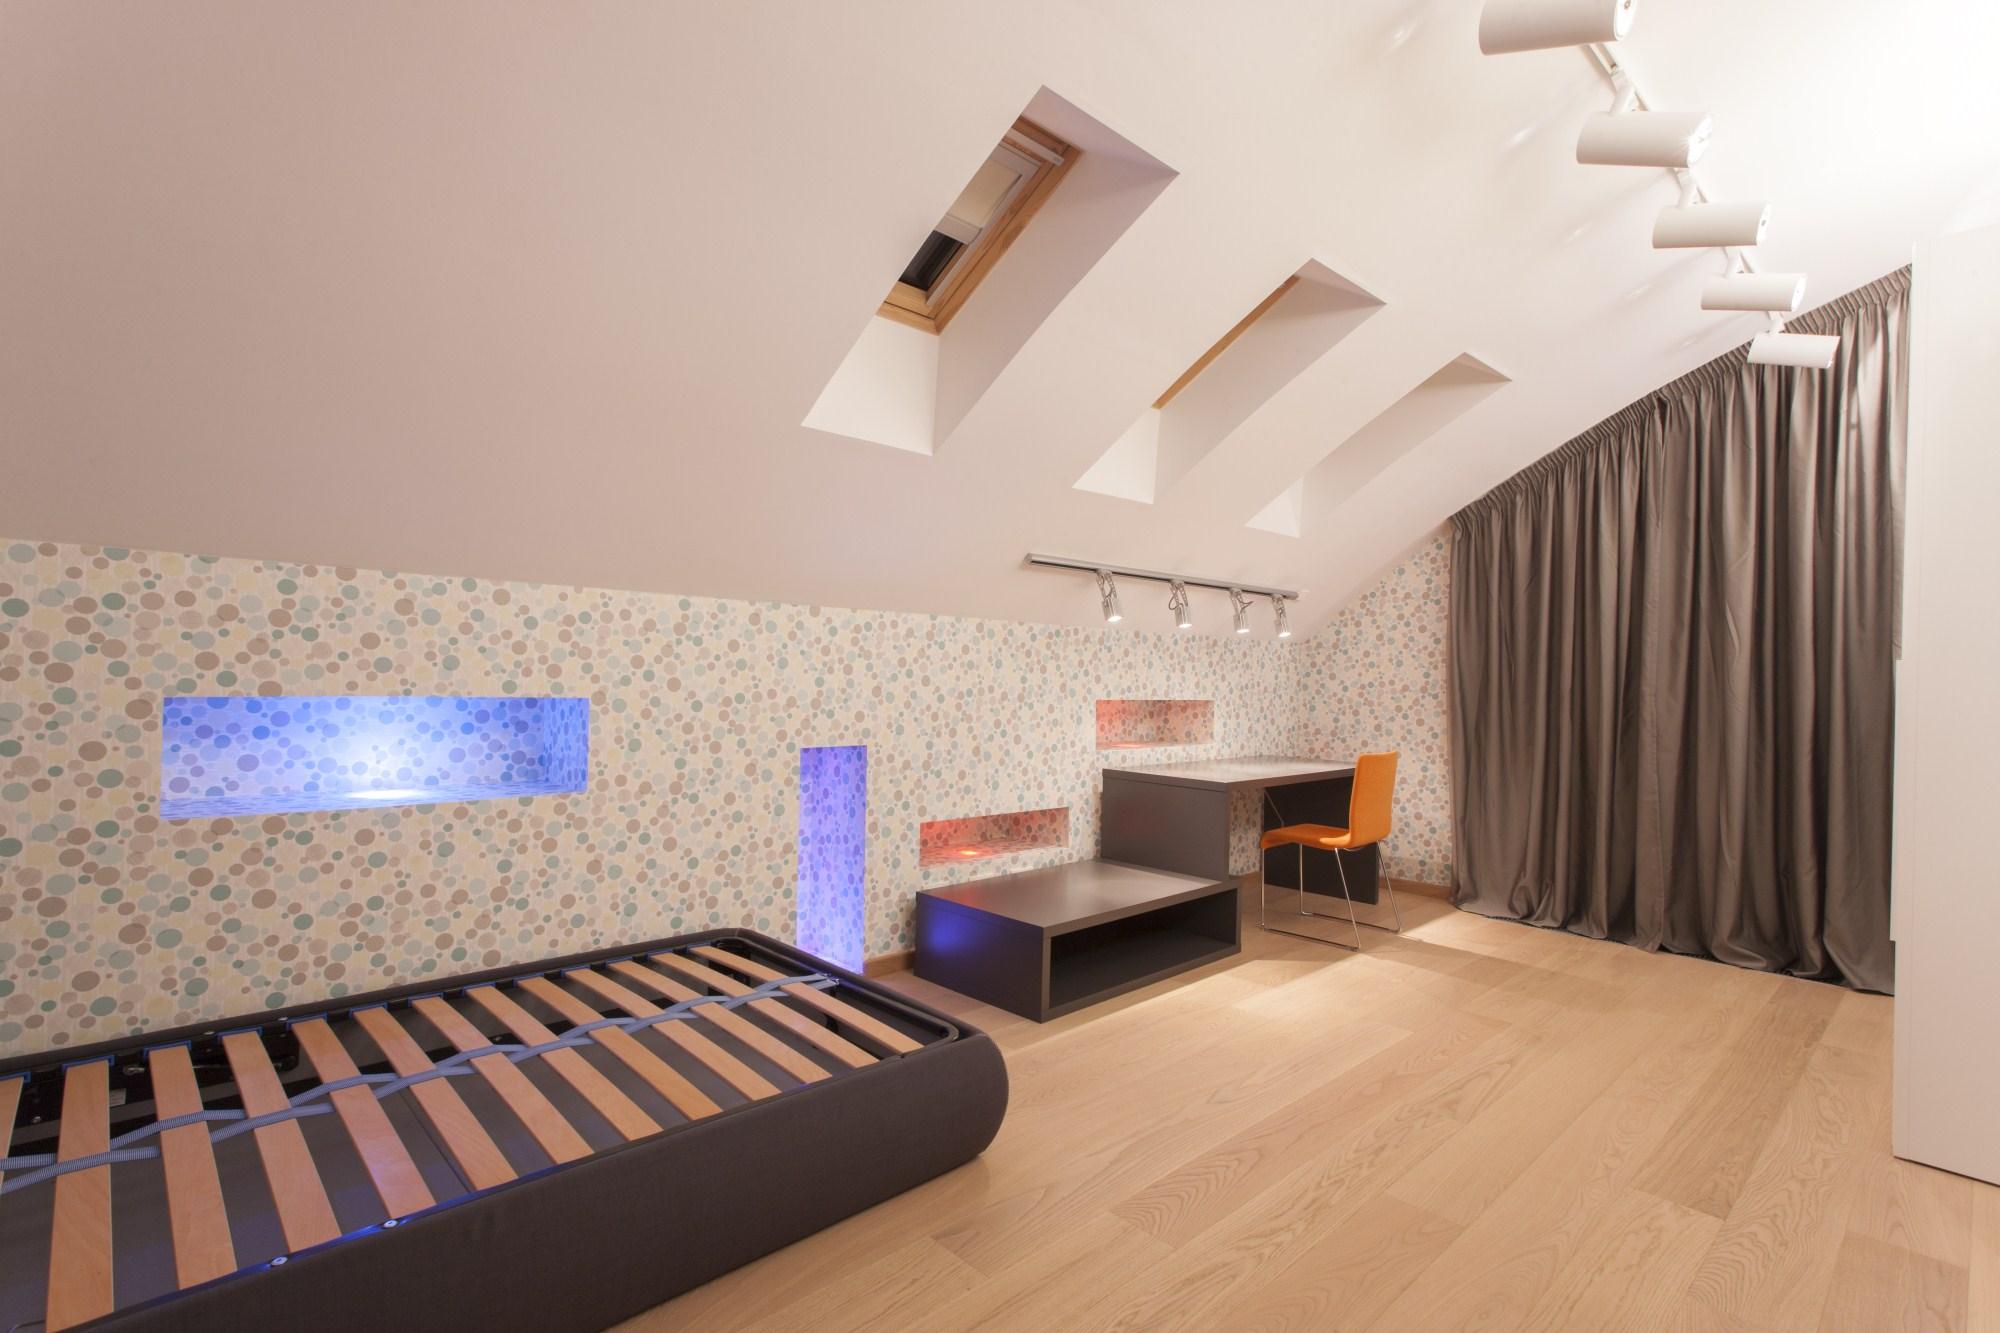 https://nbc-arhitect.ro/wp-content/uploads/2020/10/NBC-Arhitect-_-Petofi-Sandor-_-Housing-_-interior-design_11.jpg